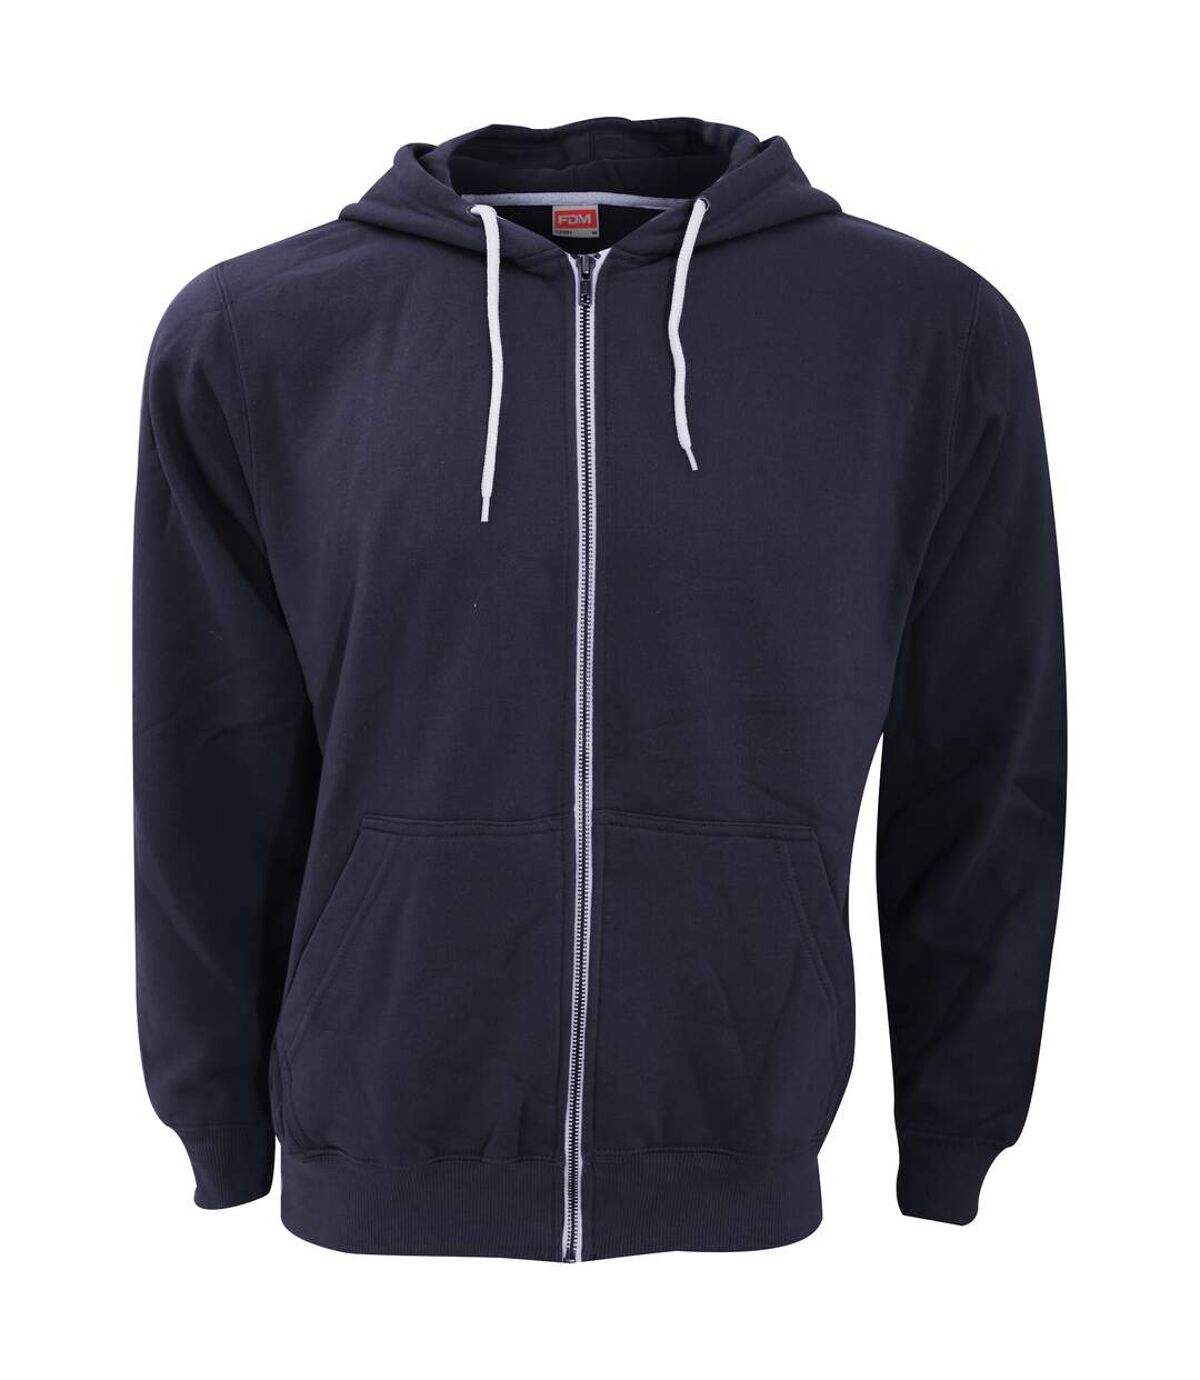 FDM - Sweatshirt à capuche et fermeture zippée - Homme (Bleu marine) - UTBC3184